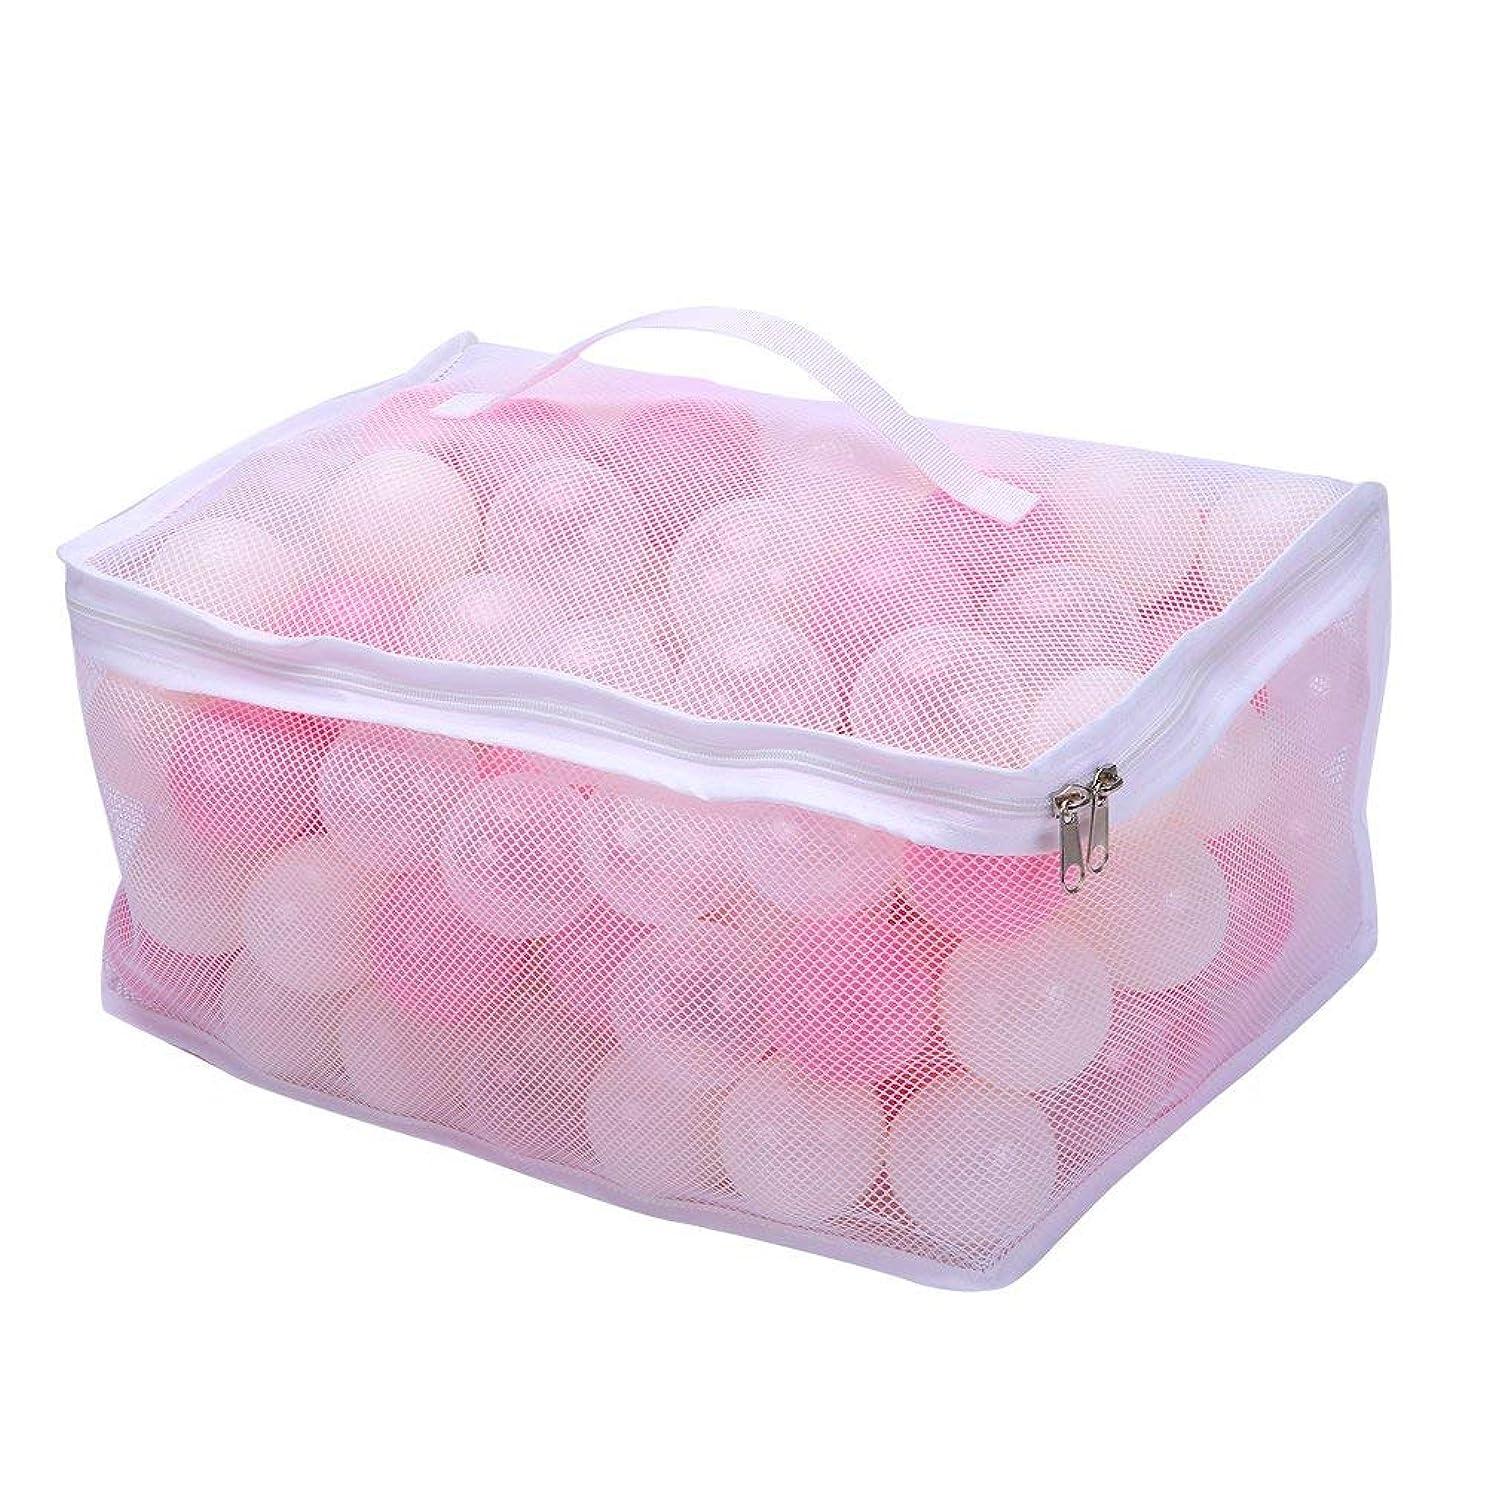 観点スリラーリマカラーボール おもちゃボール 150個 直径5.5cm やわらかポリエチレン製 収納ネットセット(プール/ボールハウス用) (ピンク白透明)